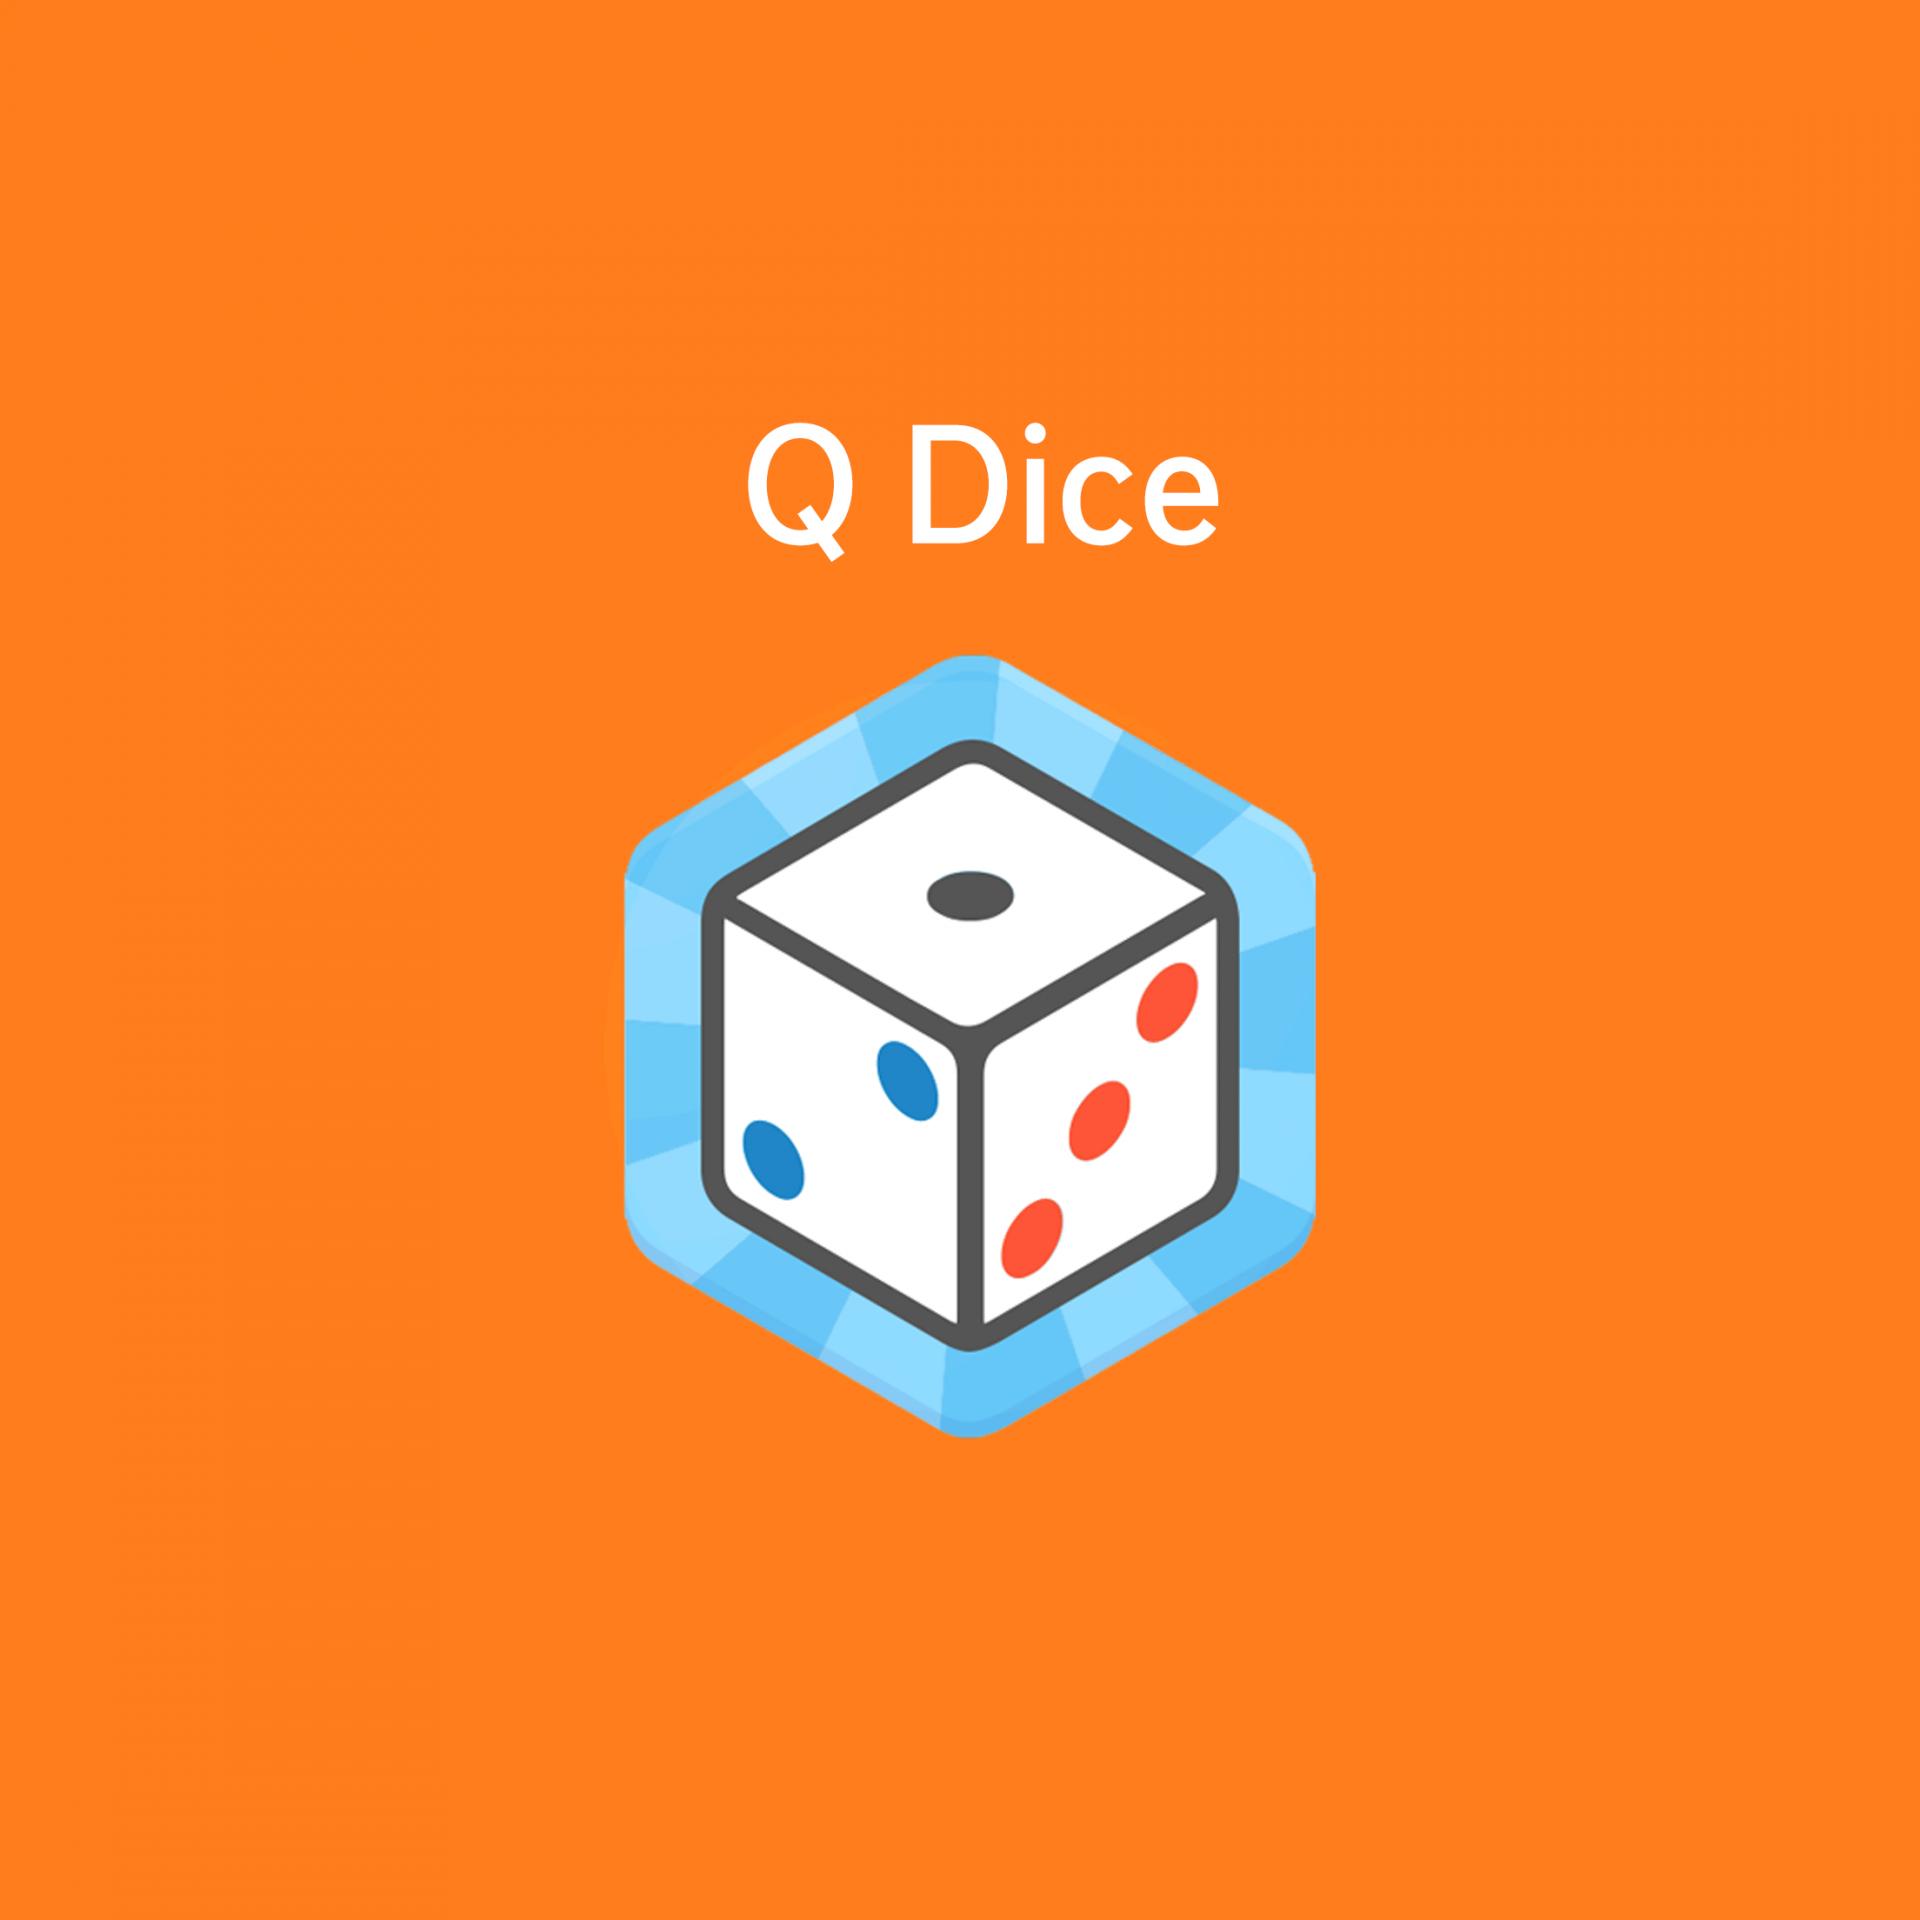 Q Dice